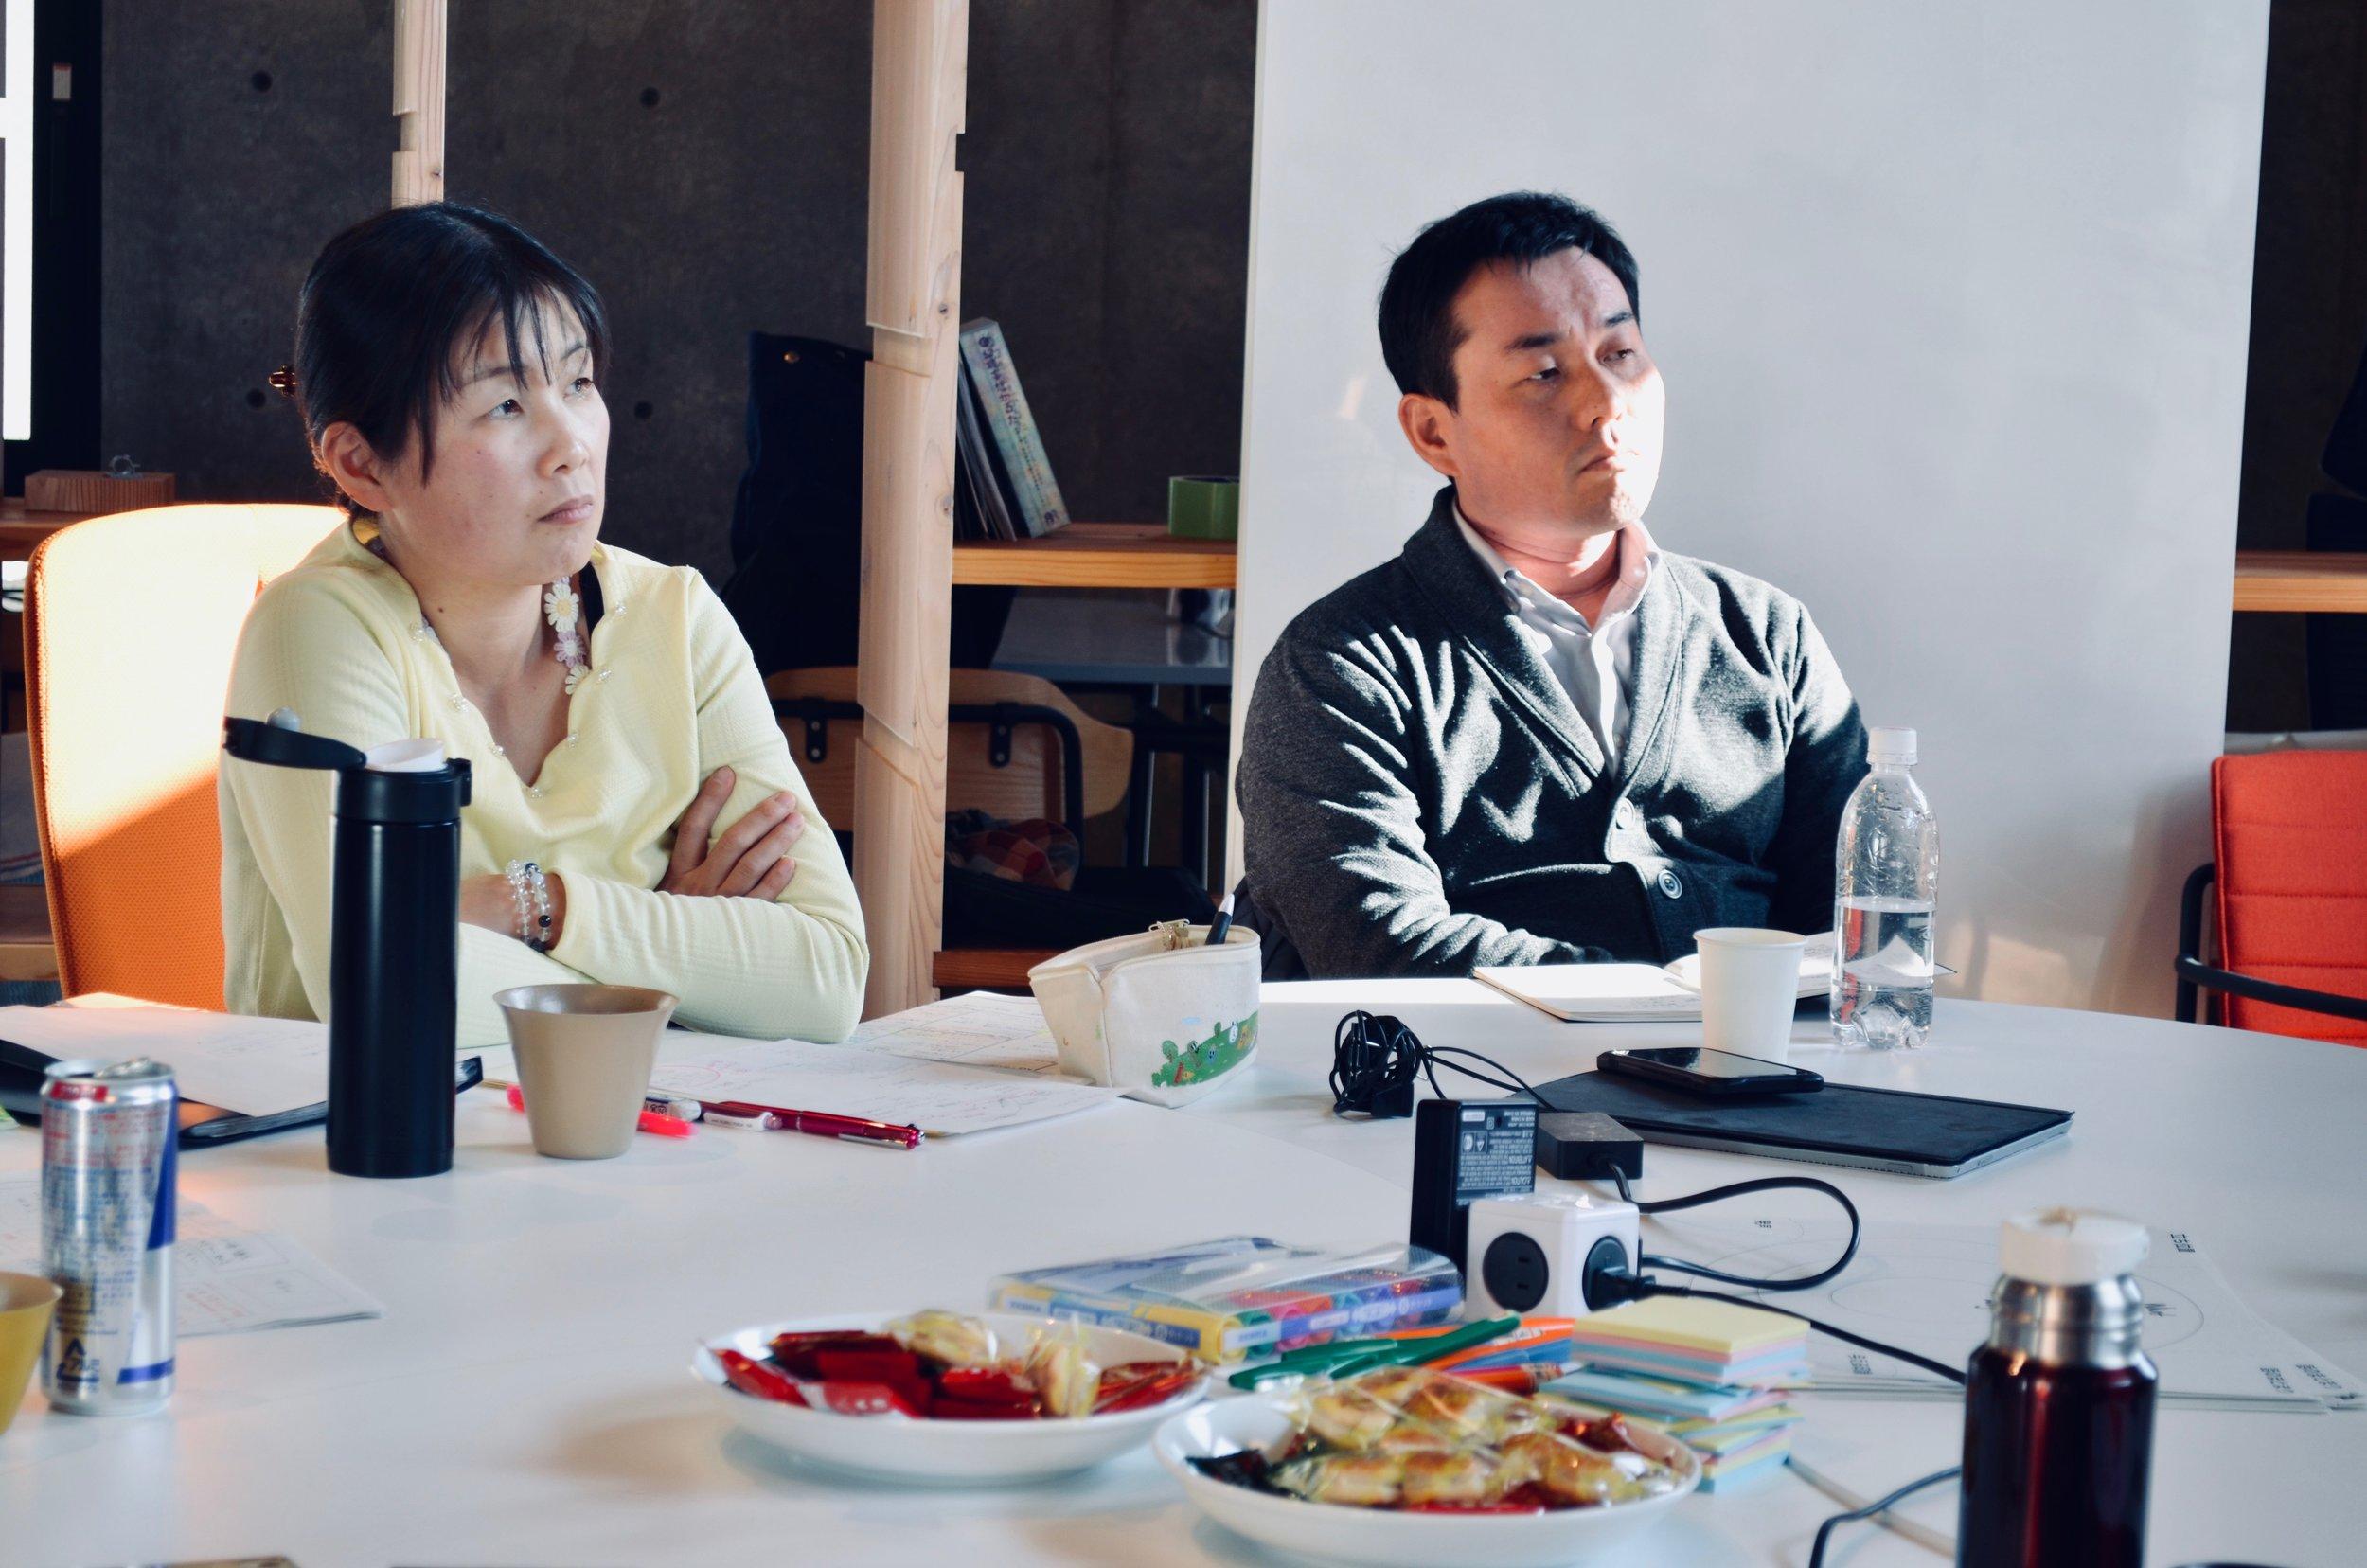 参加者の方々がメモを取りながら、話に耳を傾ける姿は、真剣そのもの。